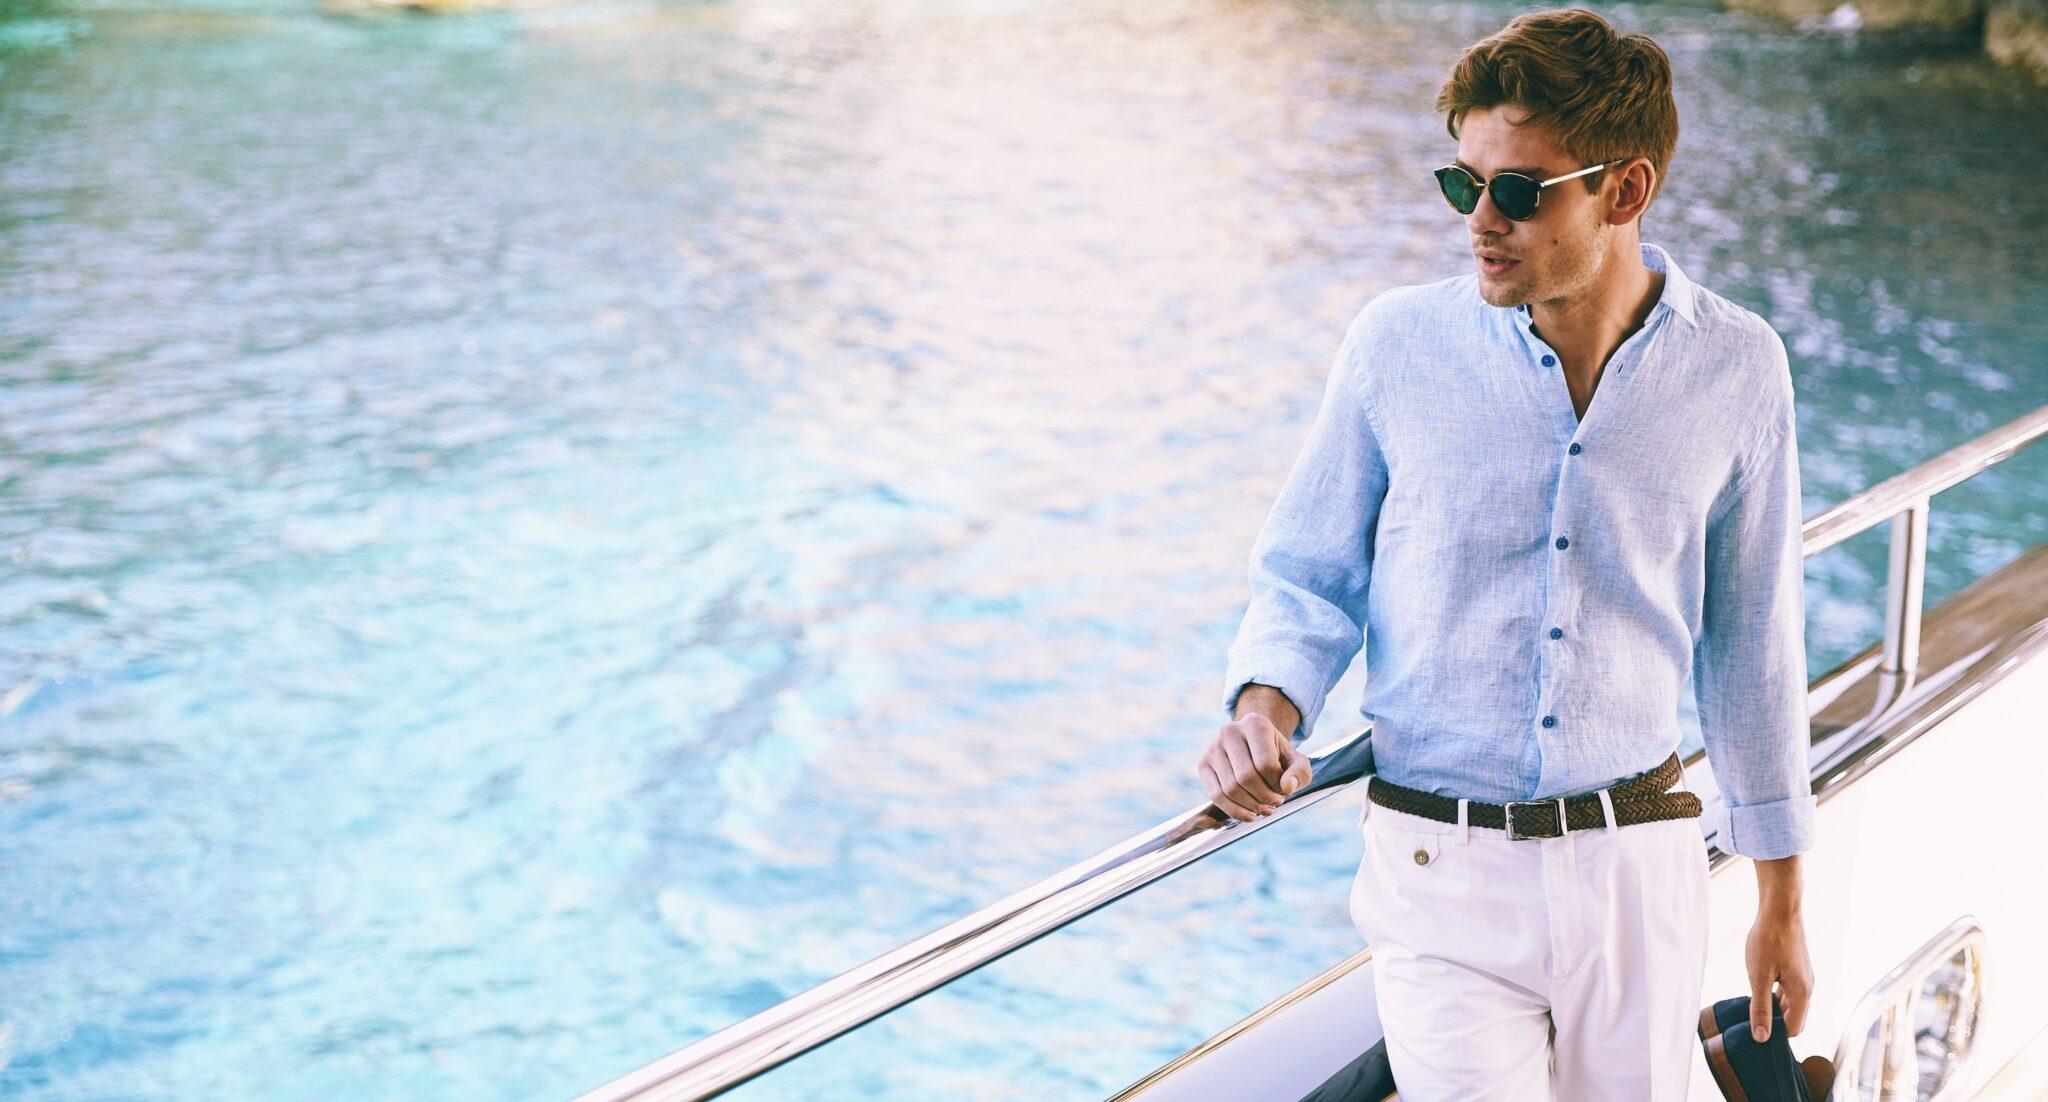 La camicia di lino, il capo passepartout che non può mancare nel guardaroba estivo